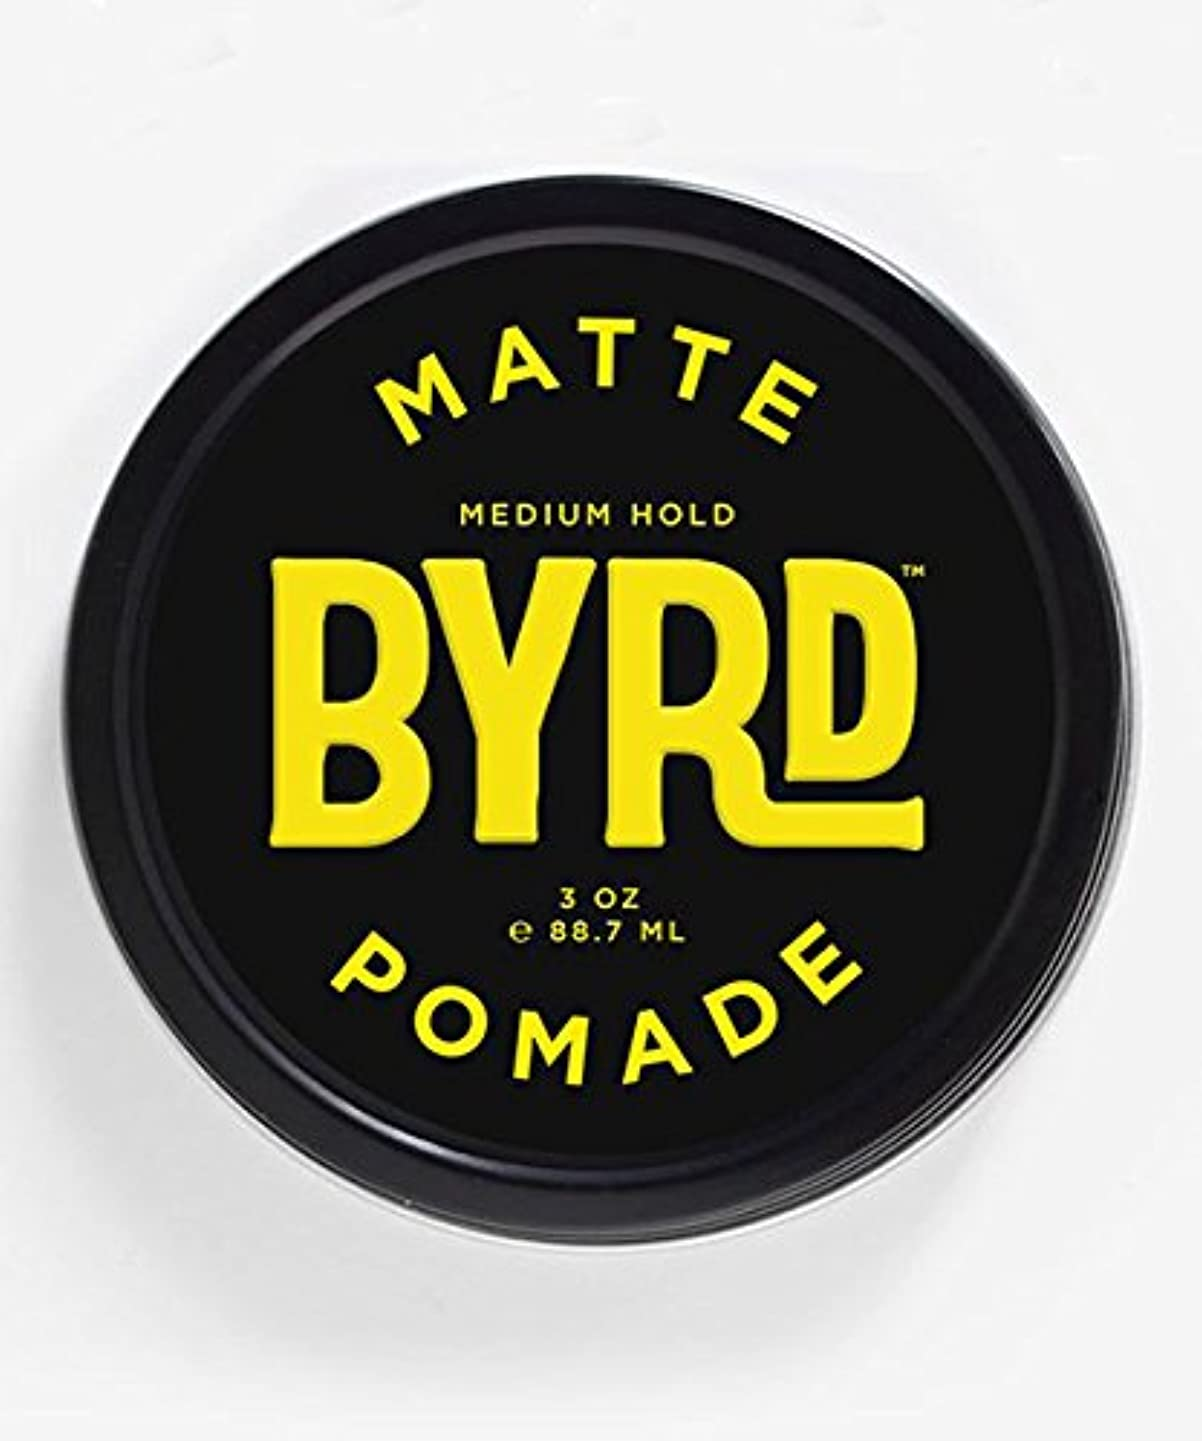 省略必要条件促進するBYRD(バード) マットポマード 85g